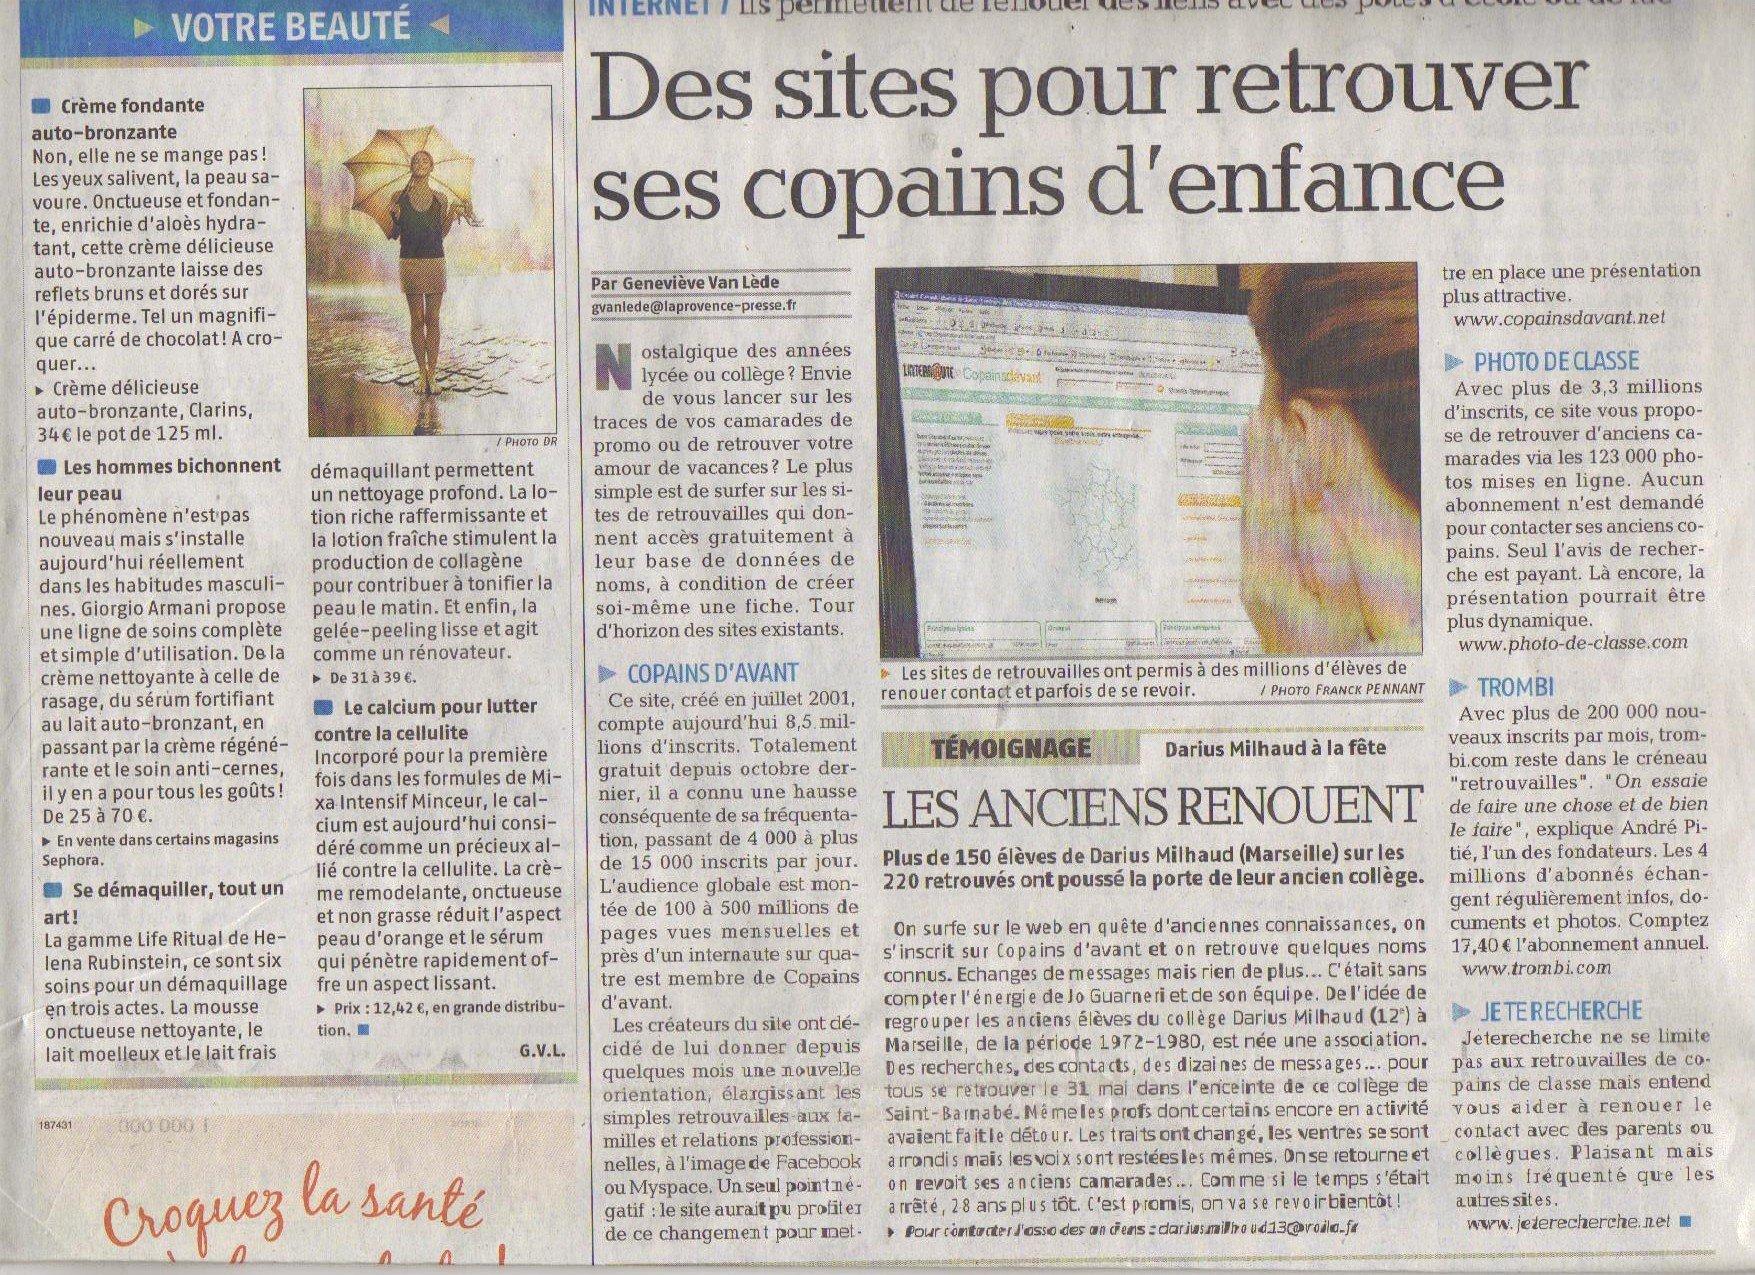 ARTICLE PROVENCE DU 23/06/2008